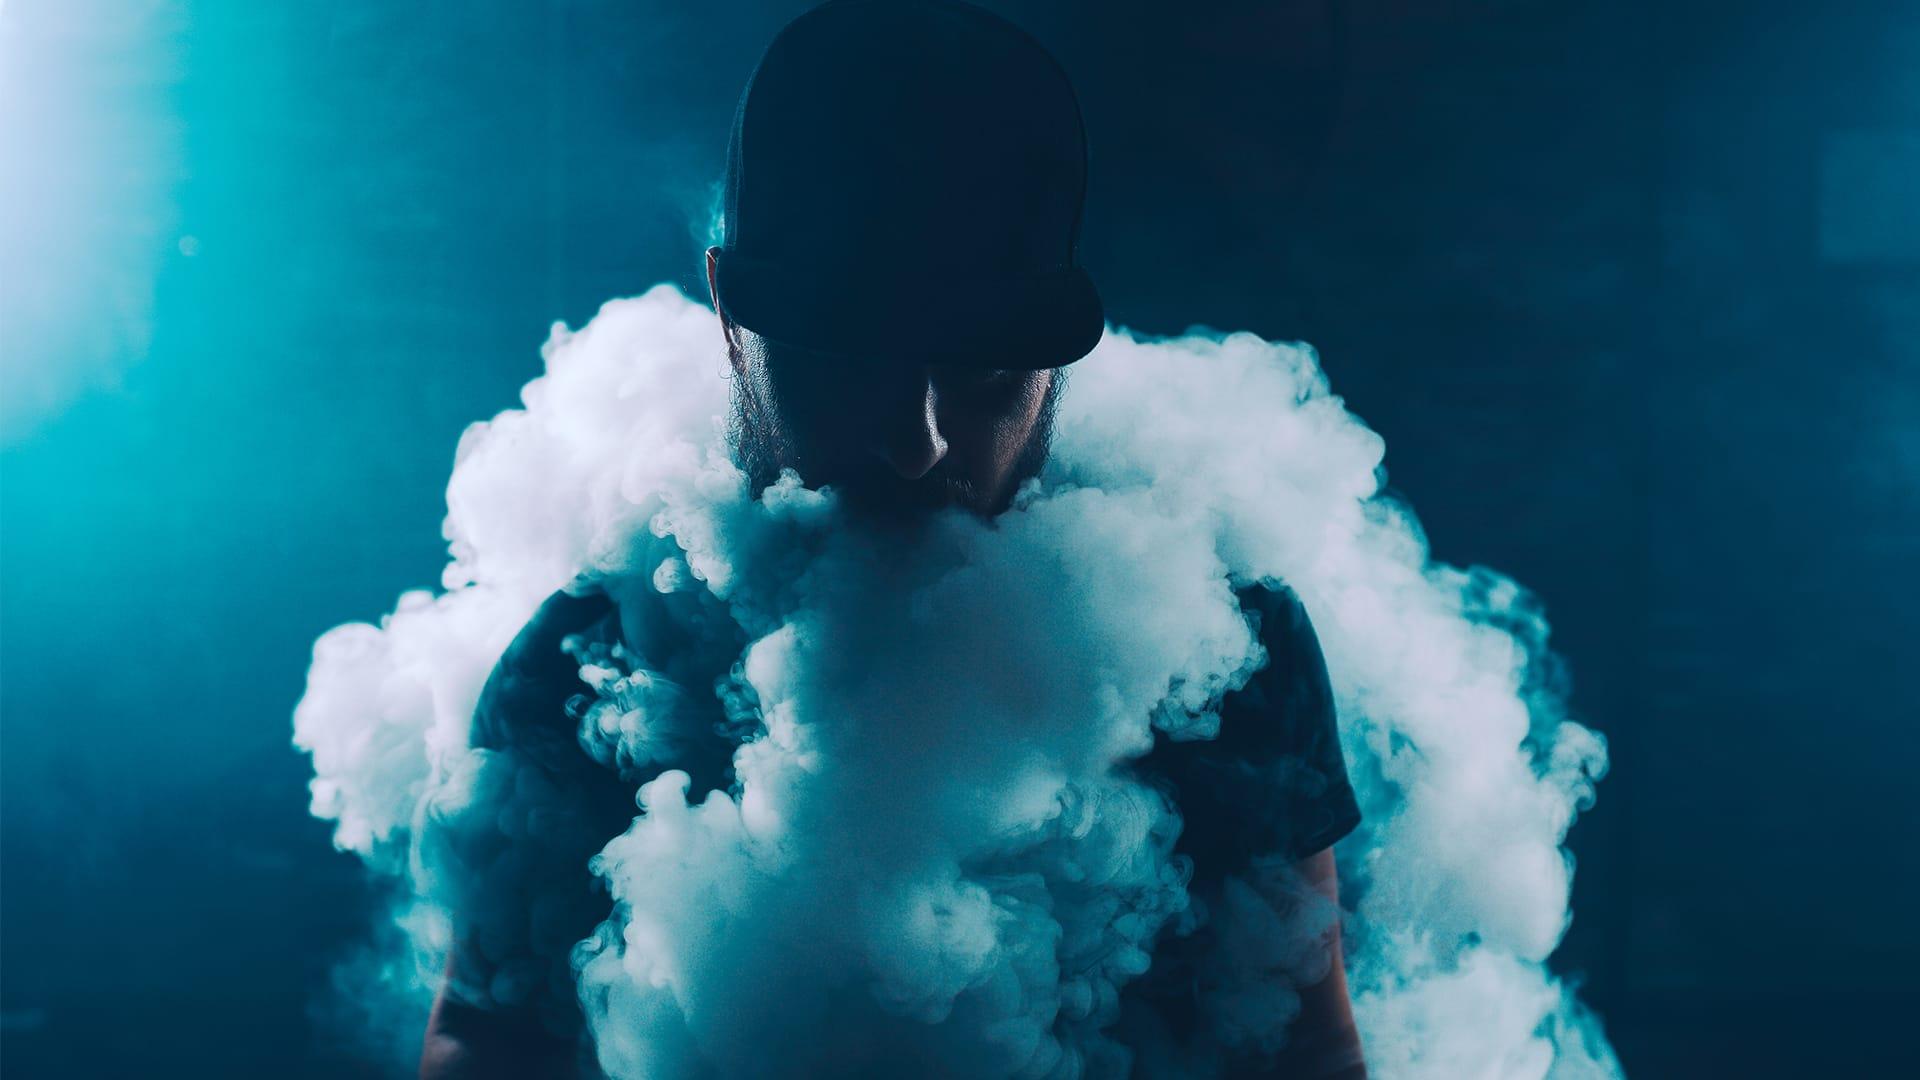 Vape Clouds: Flavour vs Size